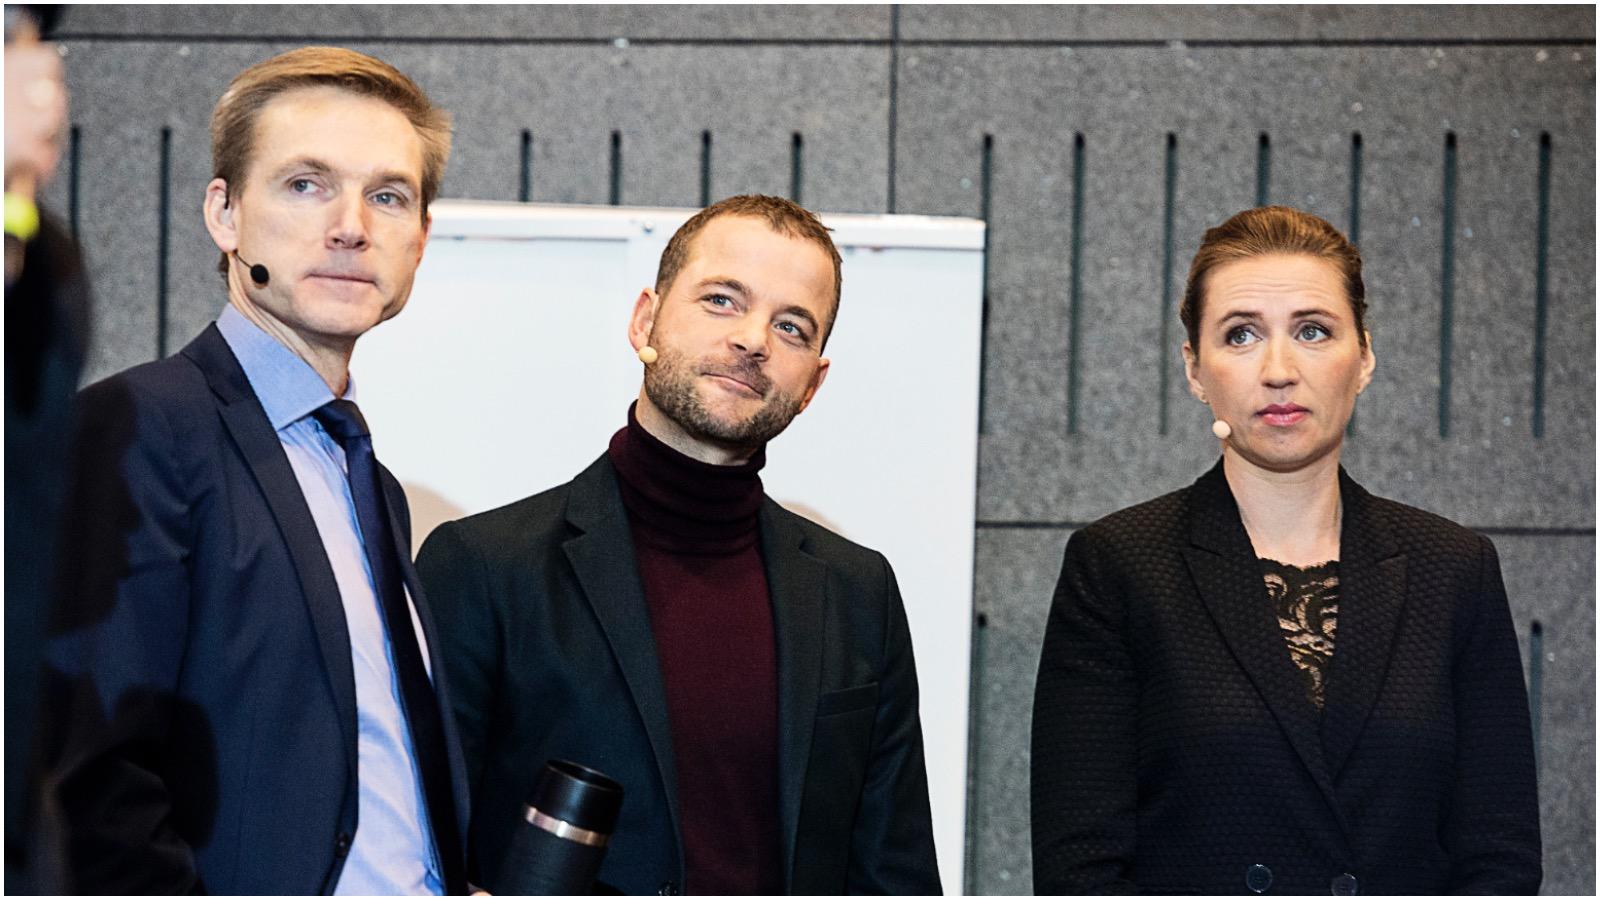 Niels Jespersen: Har Morten Østergaard lige foræret det hele til Kristian Thulesen Dahl?